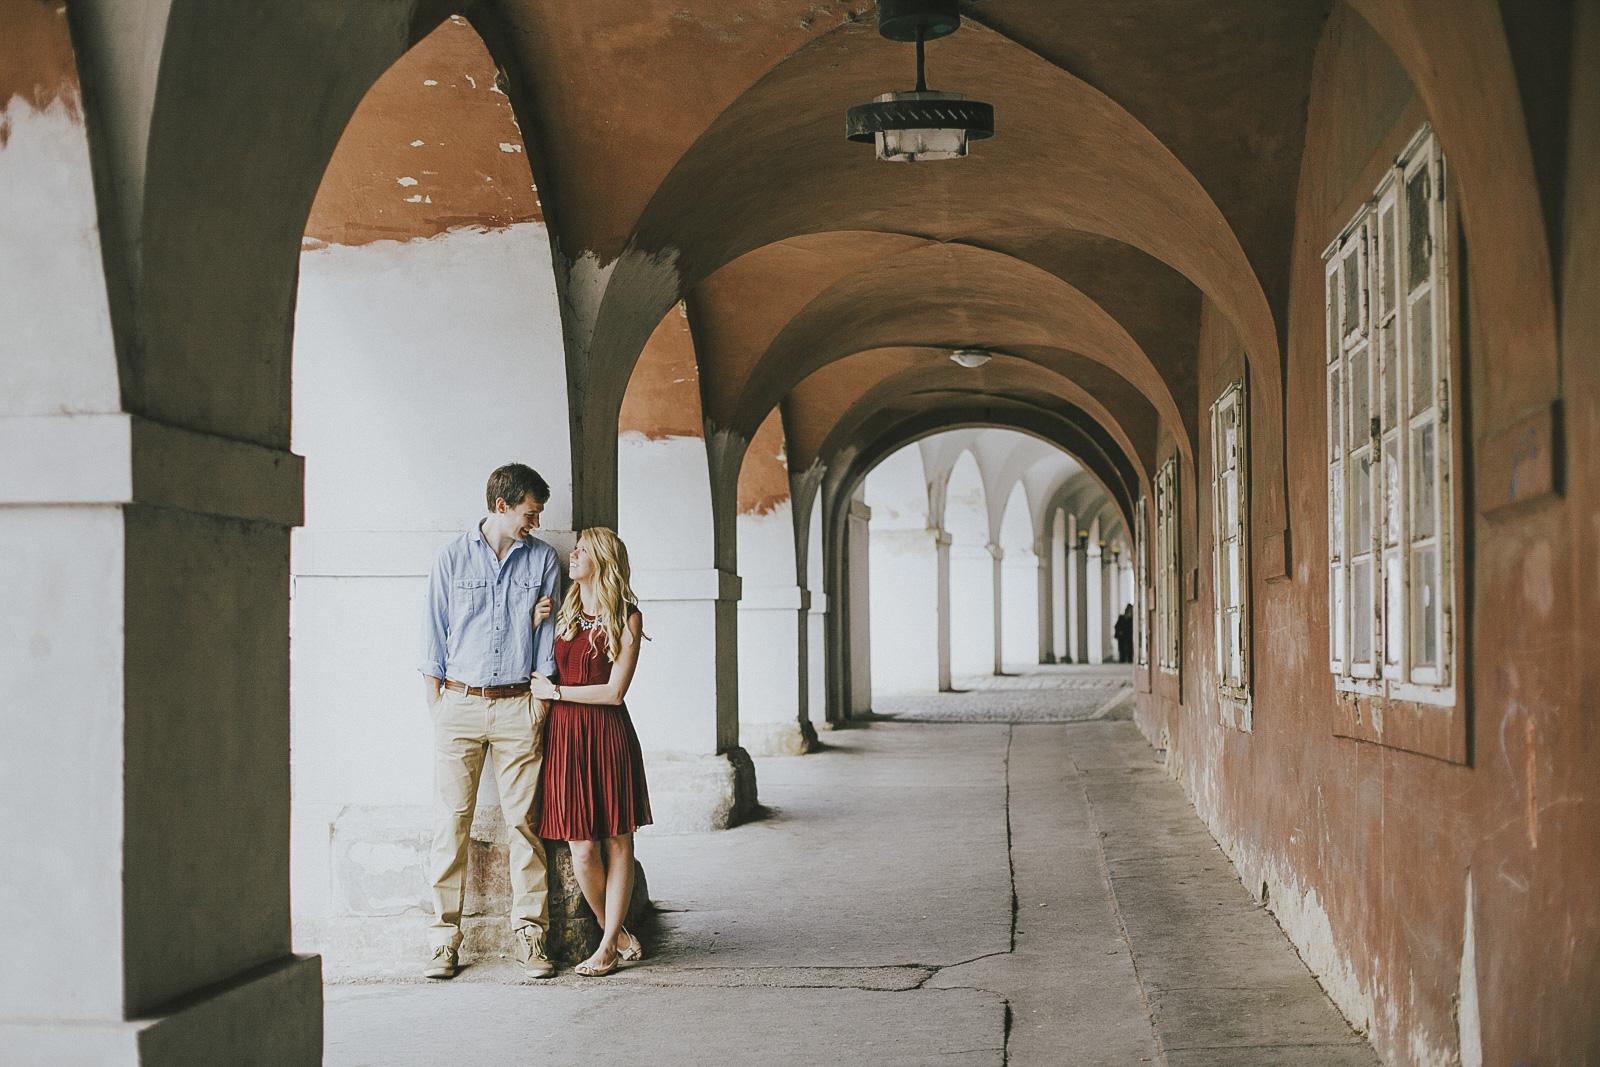 Romantic European Holiday Couple Photoshoot | Ceranna Photography | Europe based Lifestyle and Destination Wedding Photographer